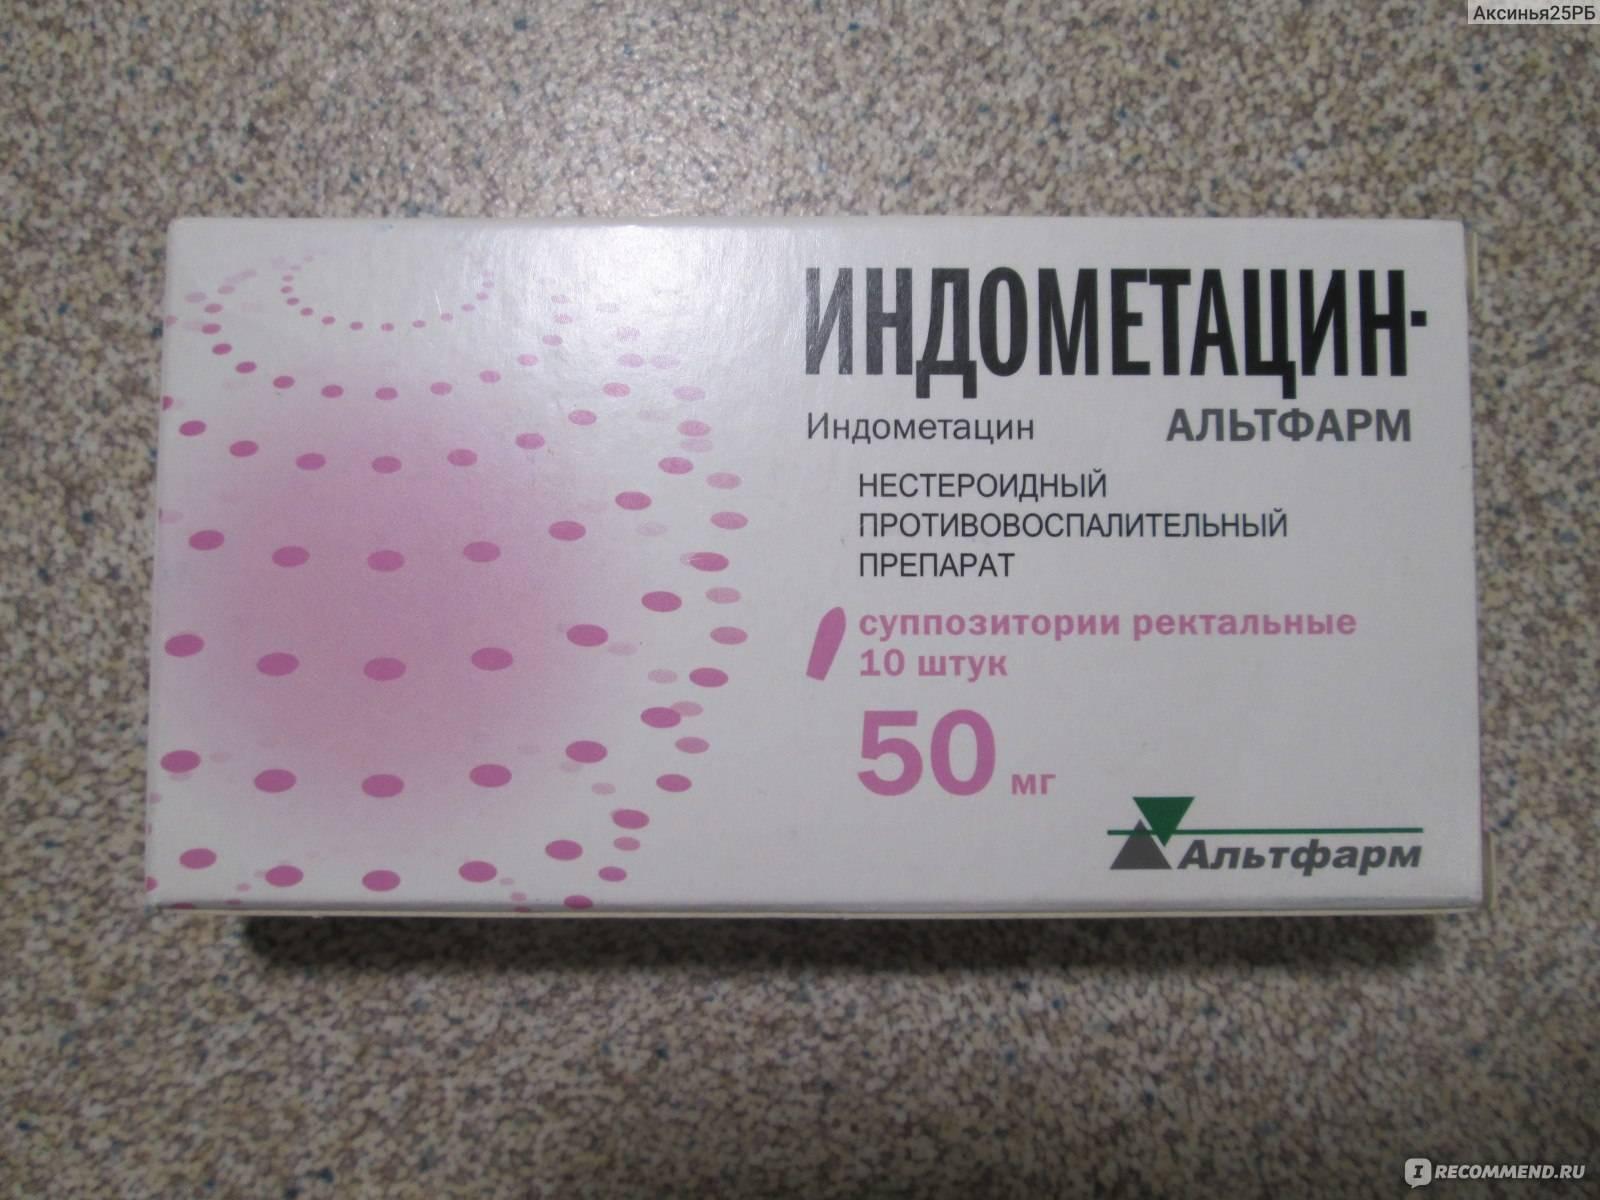 Отвечаем на вопрос: какими антибиотиками начинать лечение воспаления яичников у женщин